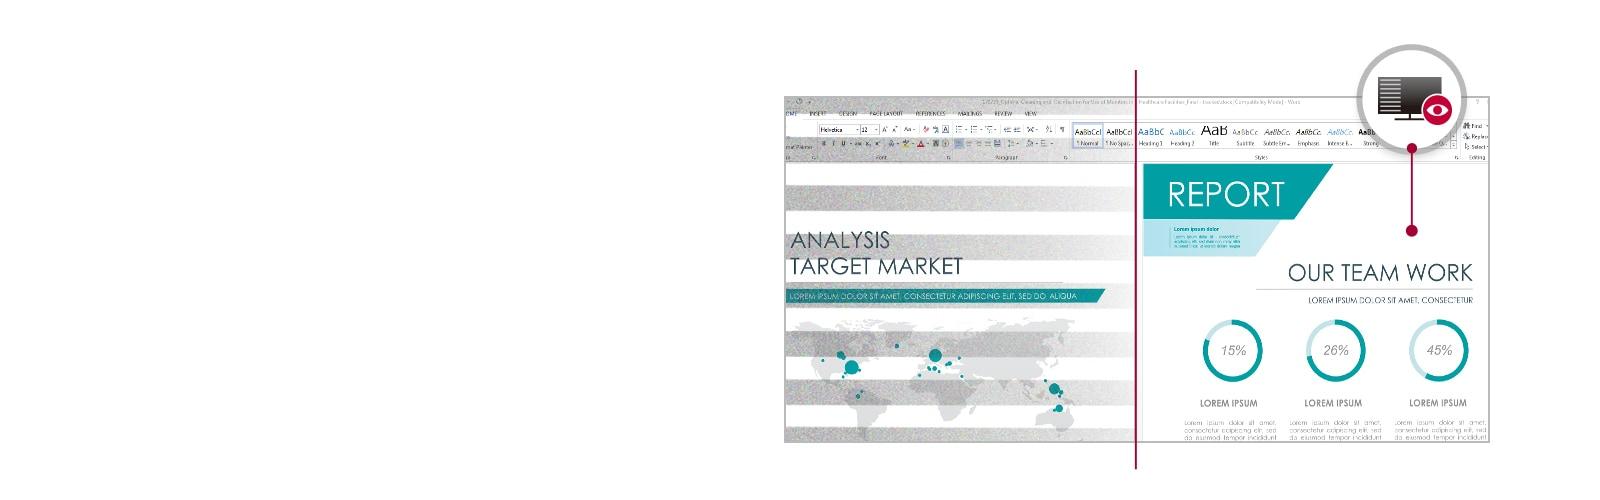 Informe de trabajo mostrado en el monitor con parpadeo reducido en comparación con el modo convencional